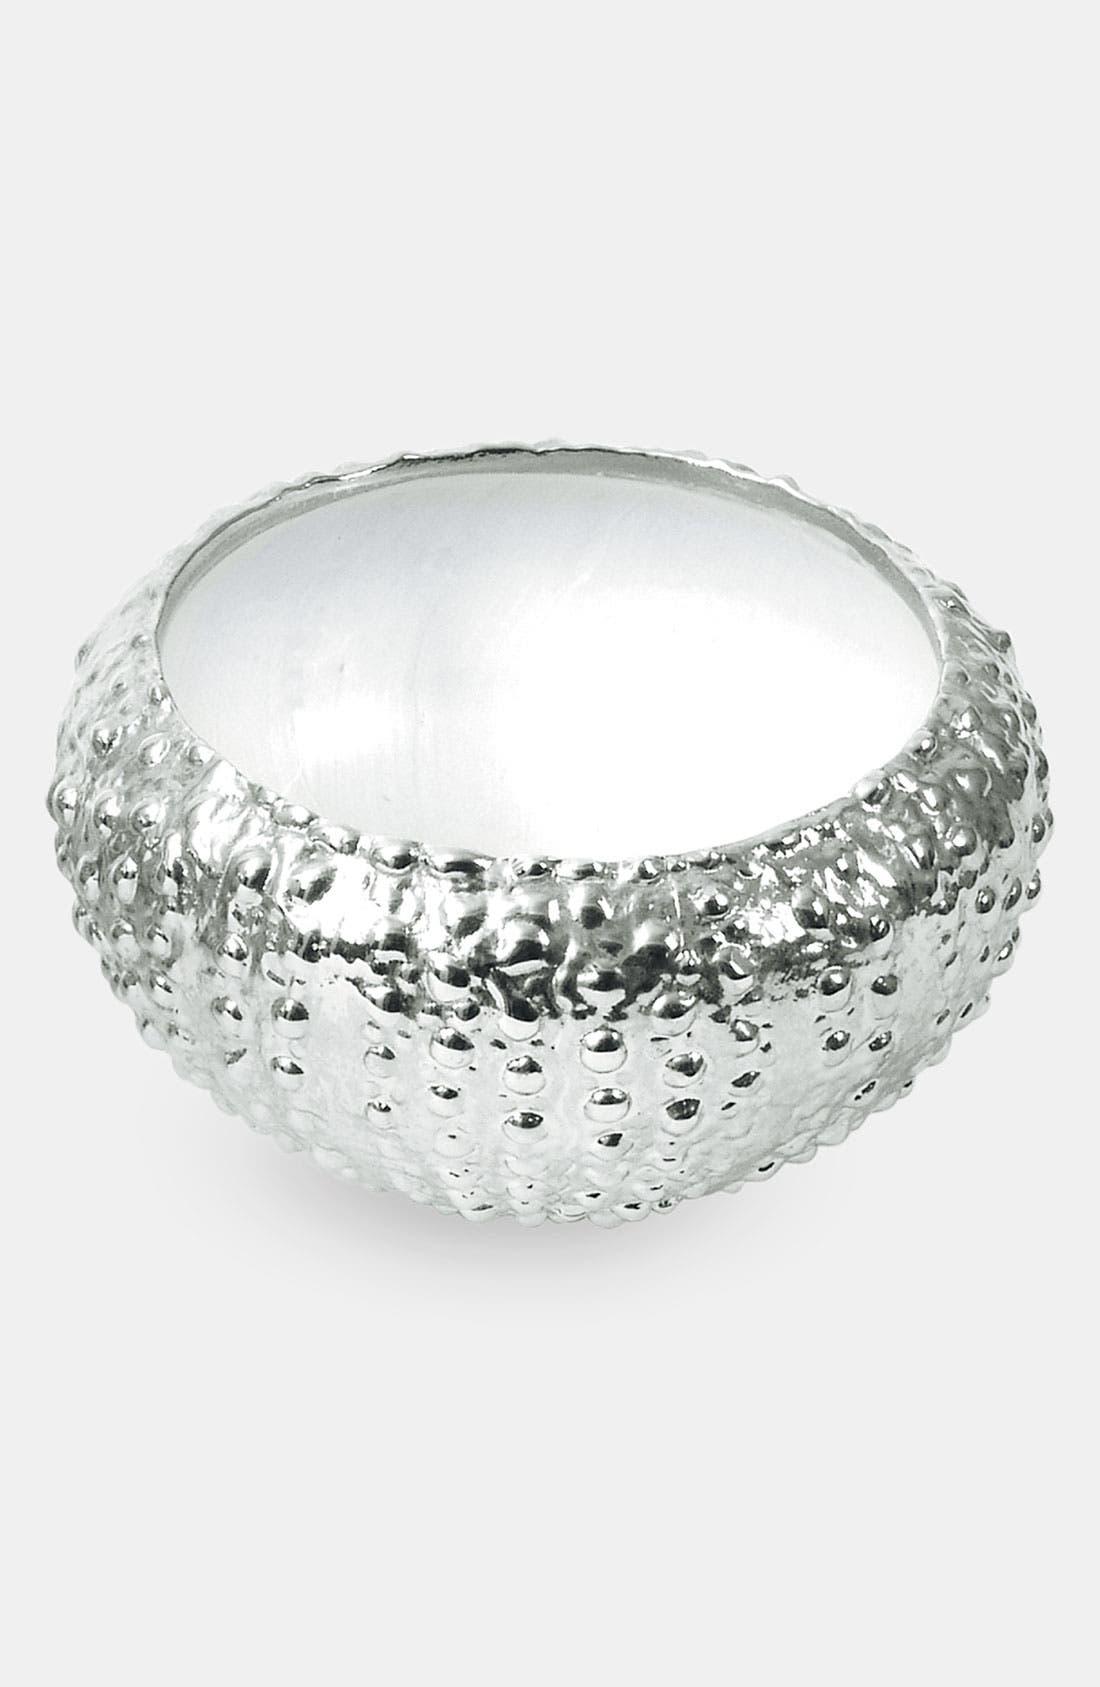 Main Image - Michael Aram 'Ocean Sea Urchin' Bowl